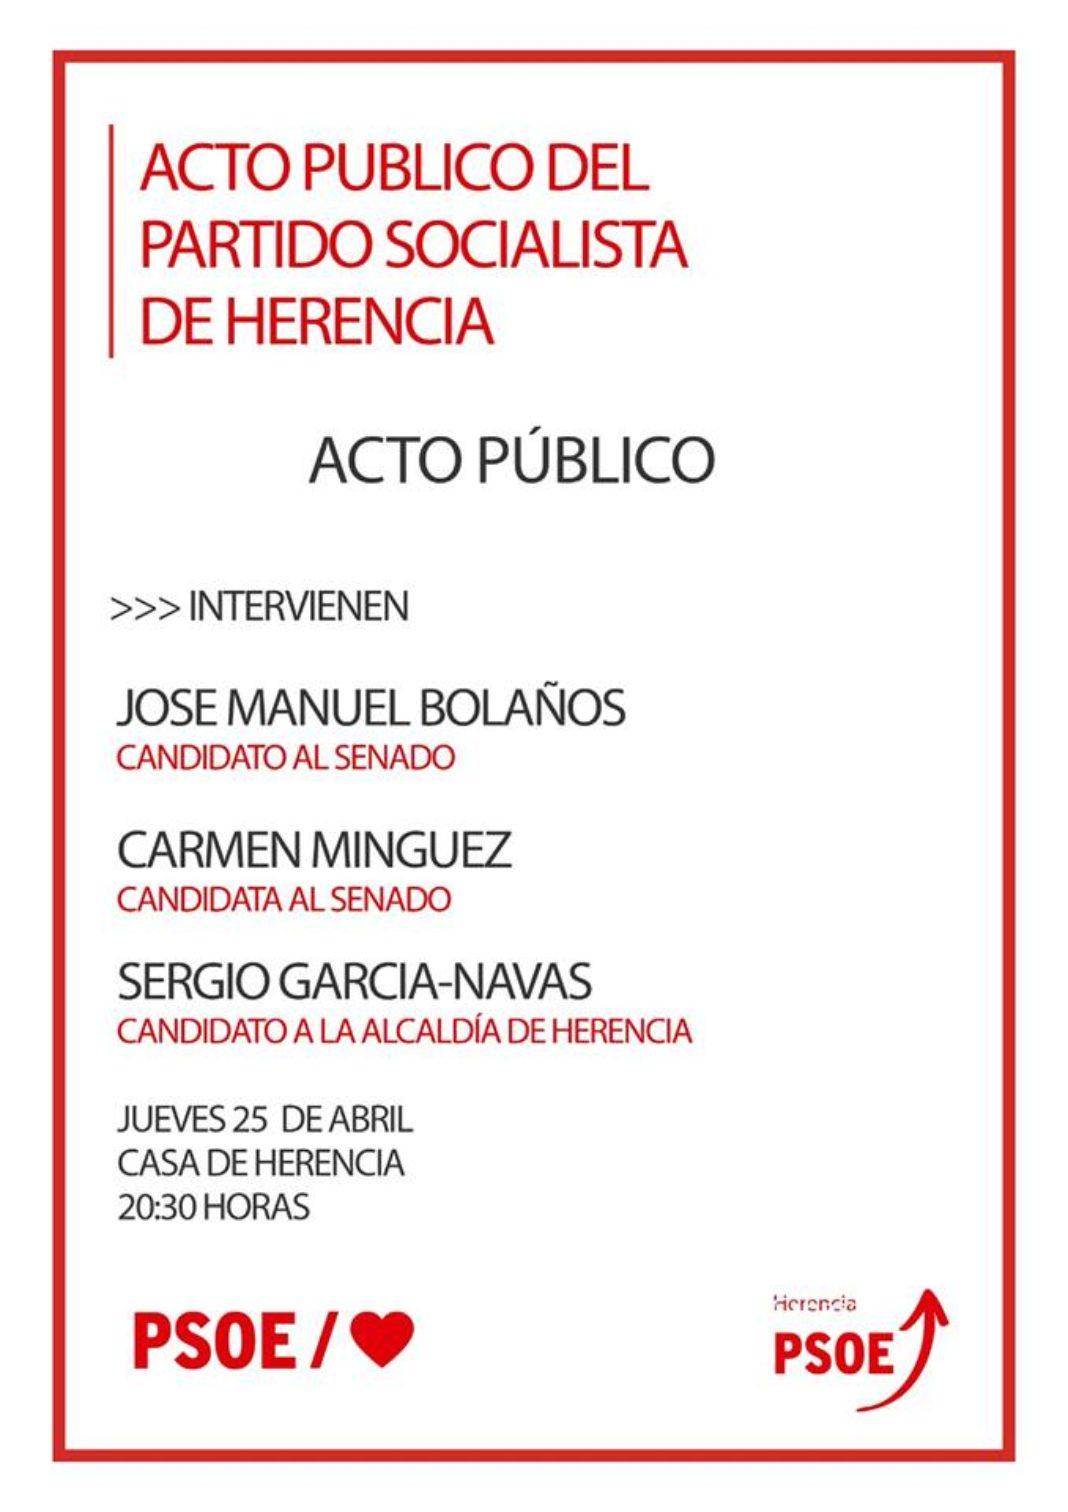 Acto público PSOE elecciones 28A 1068x1512 - Acto público del PSOE en la Casa de Herencia